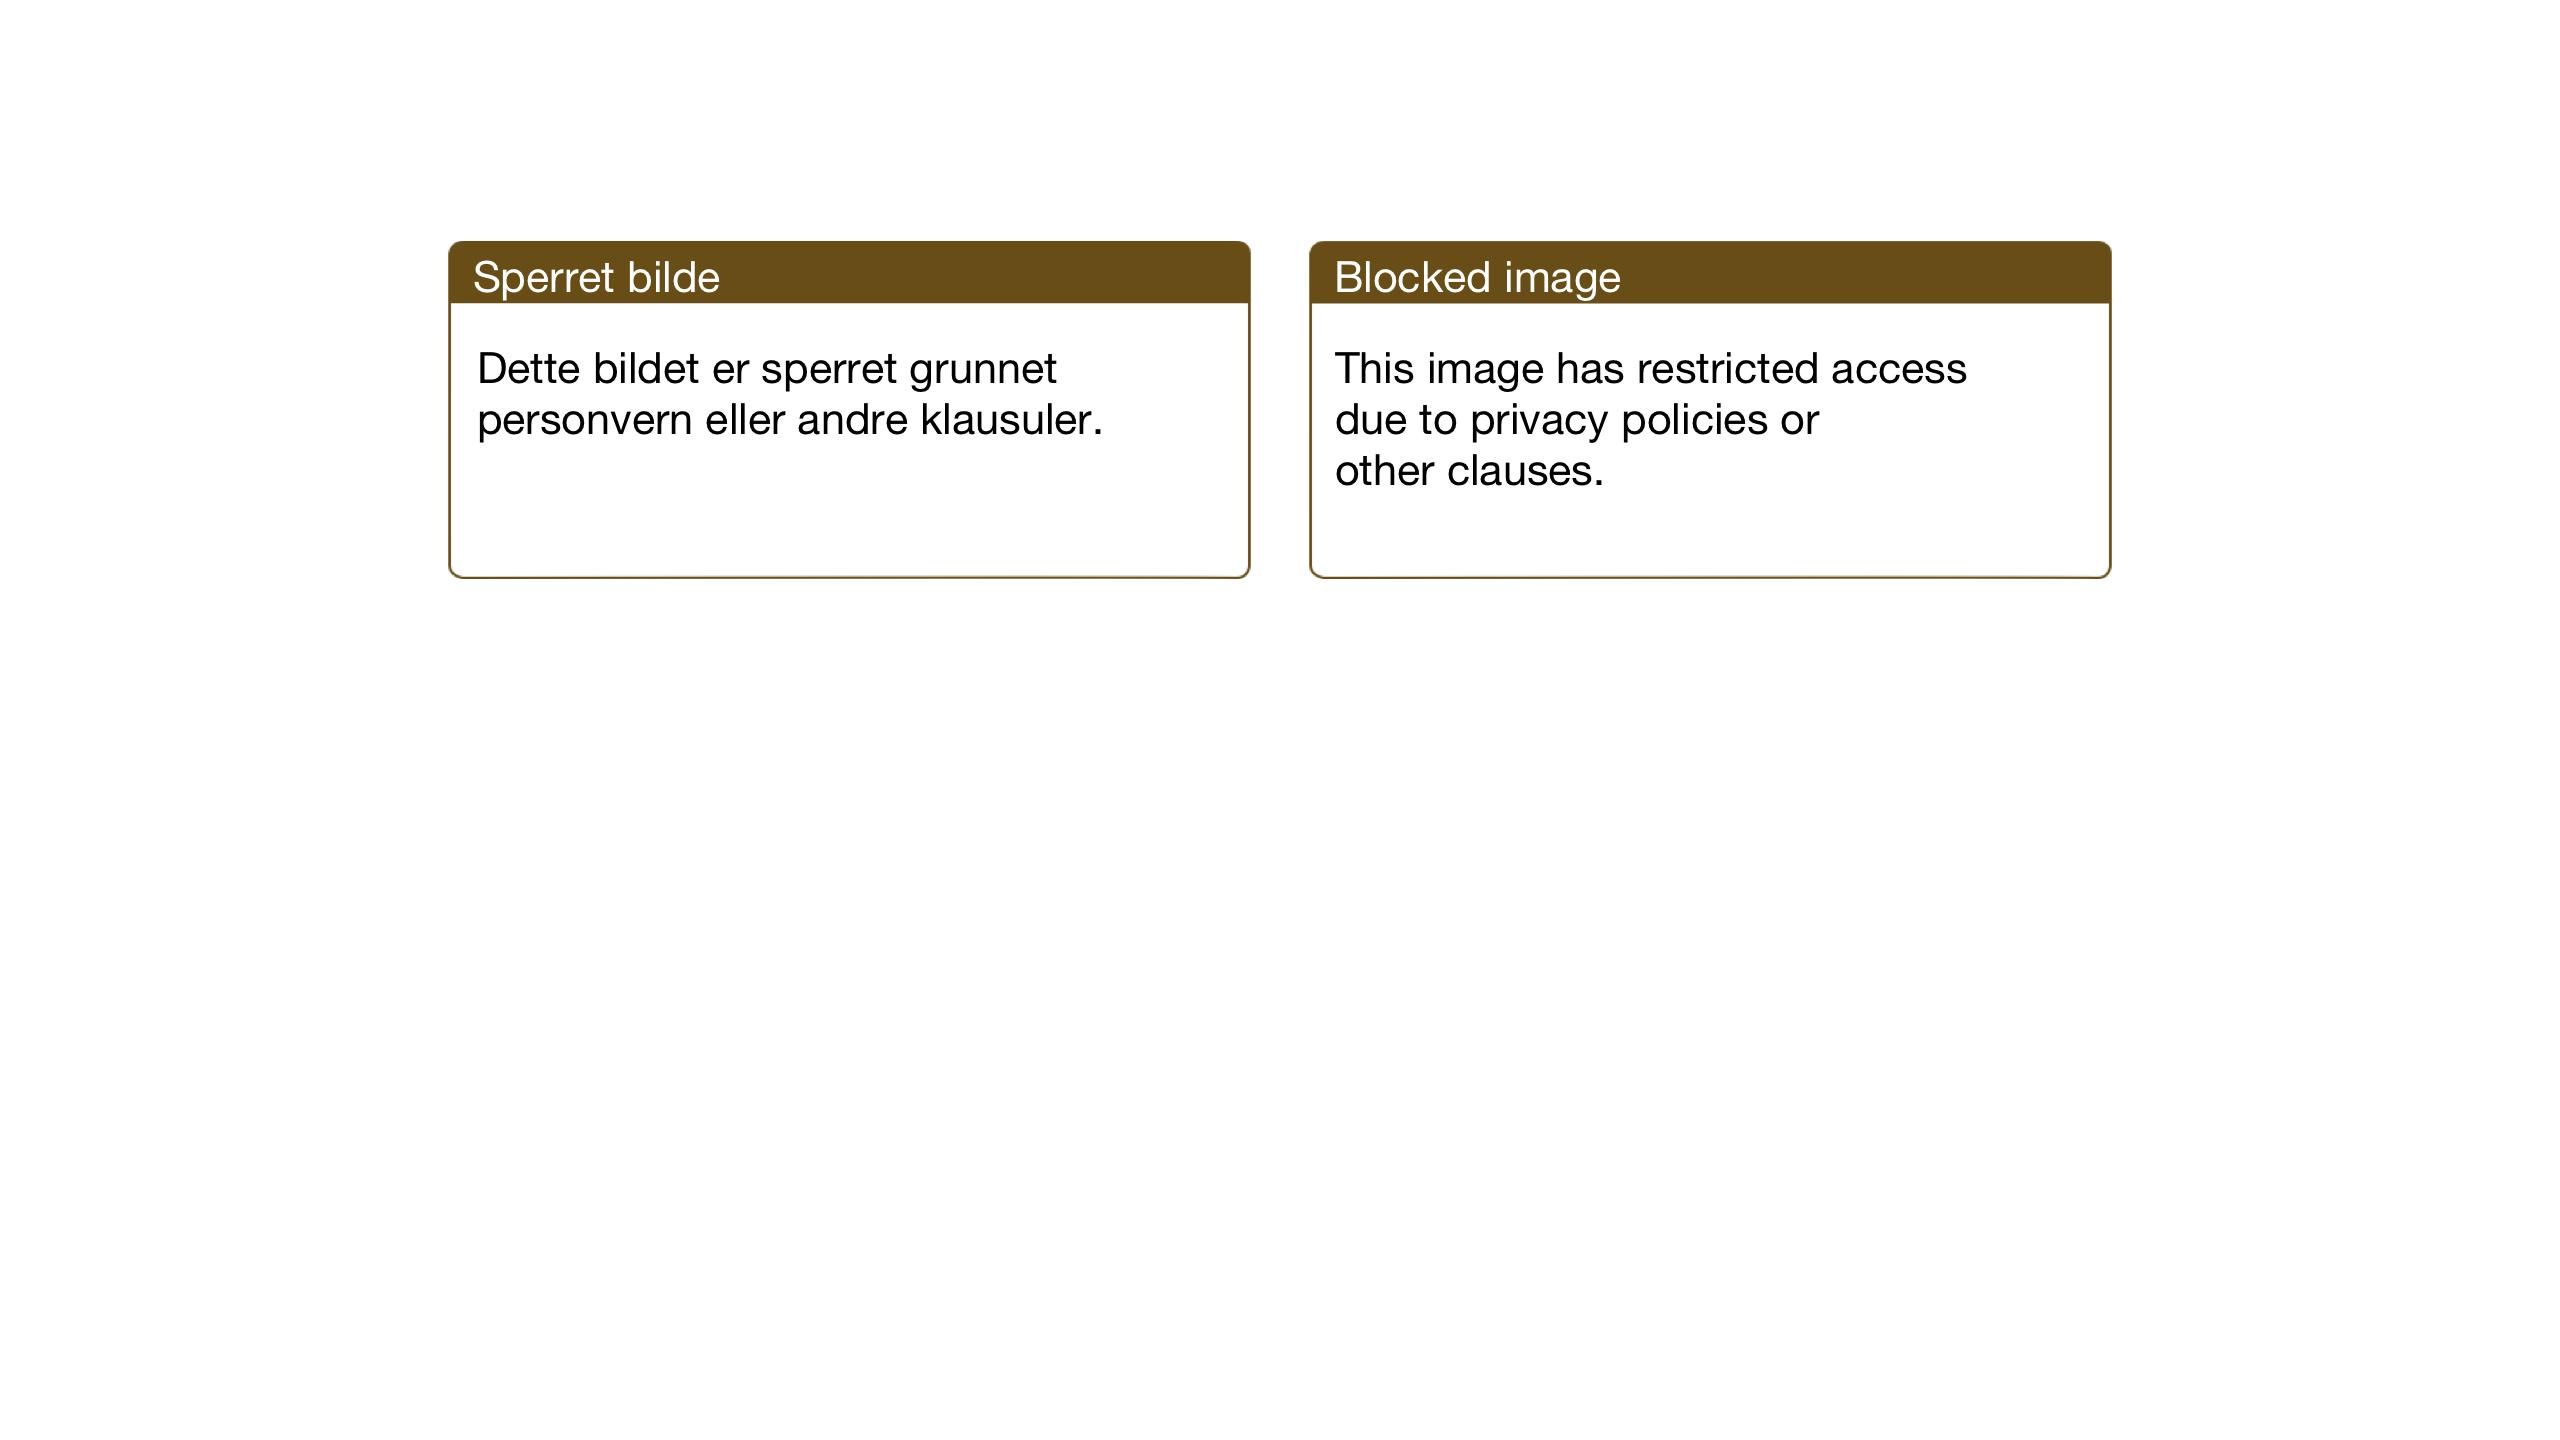 SAT, Ministerialprotokoller, klokkerbøker og fødselsregistre - Nord-Trøndelag, 714/L0136: Klokkerbok nr. 714C05, 1918-1957, s. 244